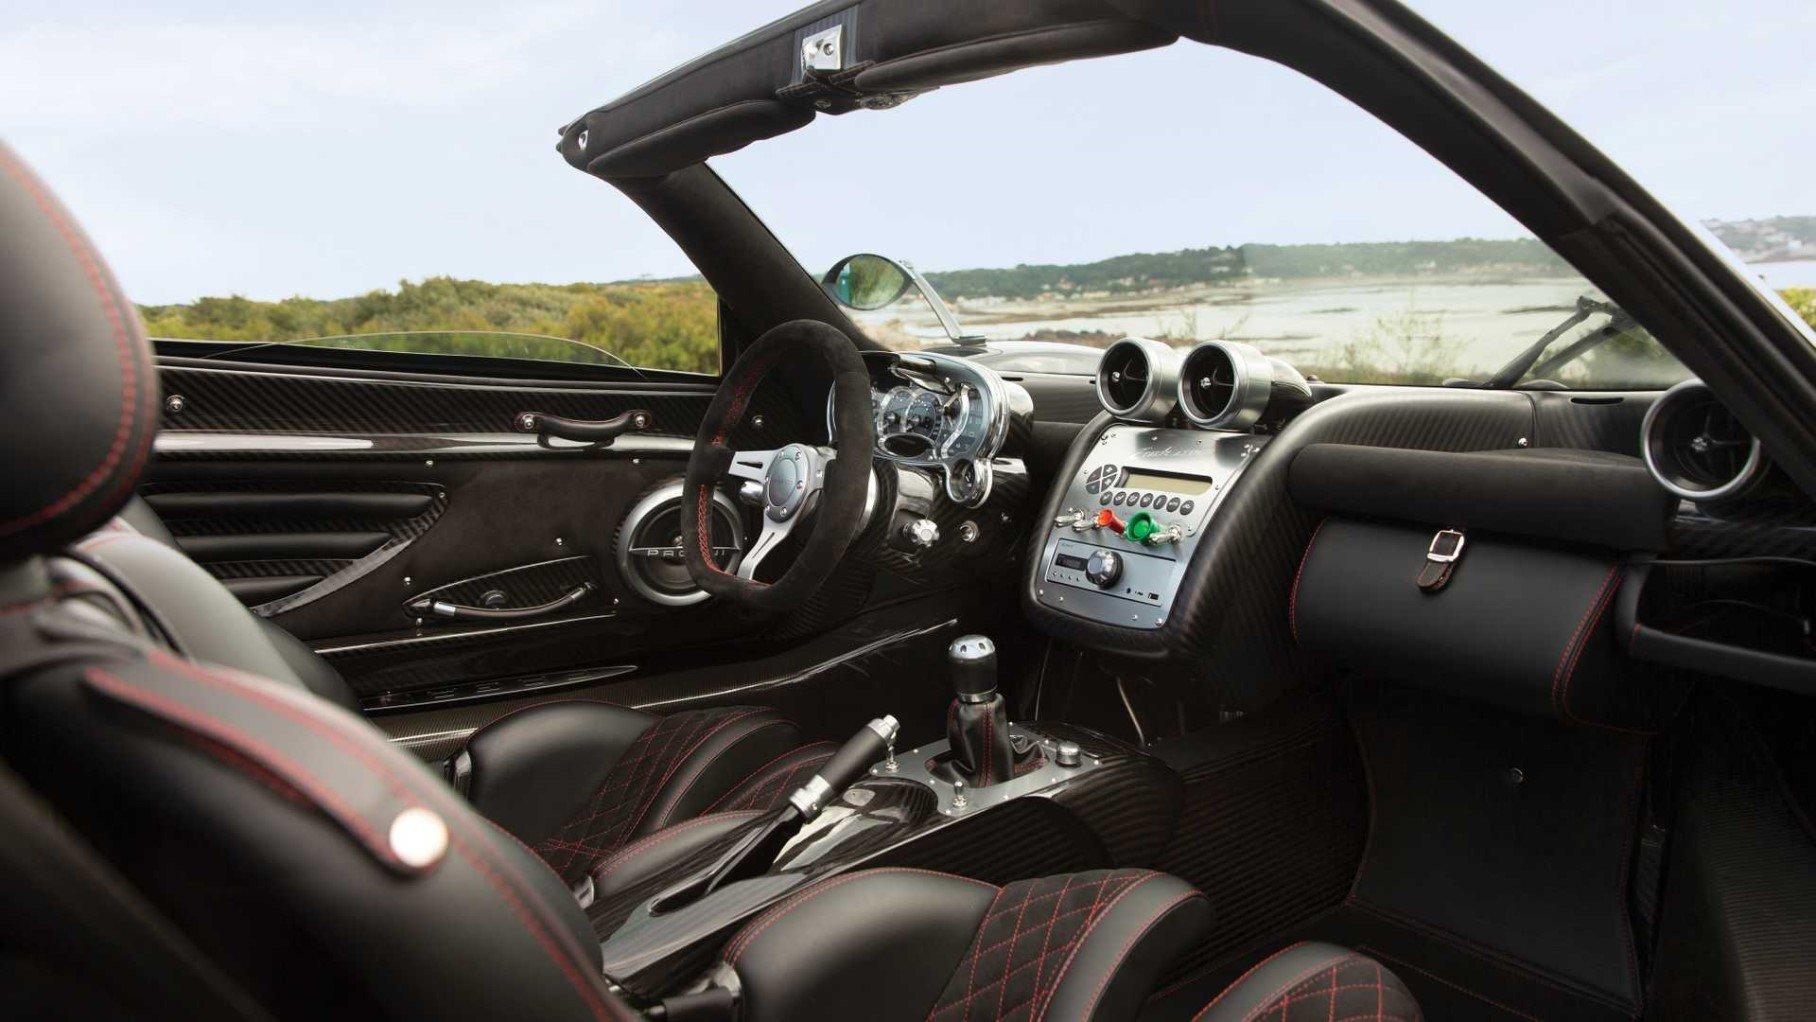 Эксклюзивный Pagani Zonda продан за 6,18 млн долларов